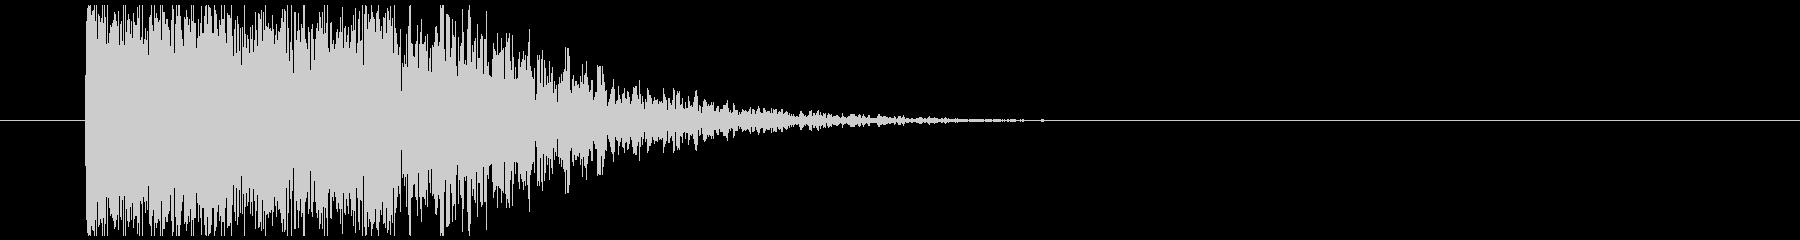 ドカーン 爆発音の未再生の波形